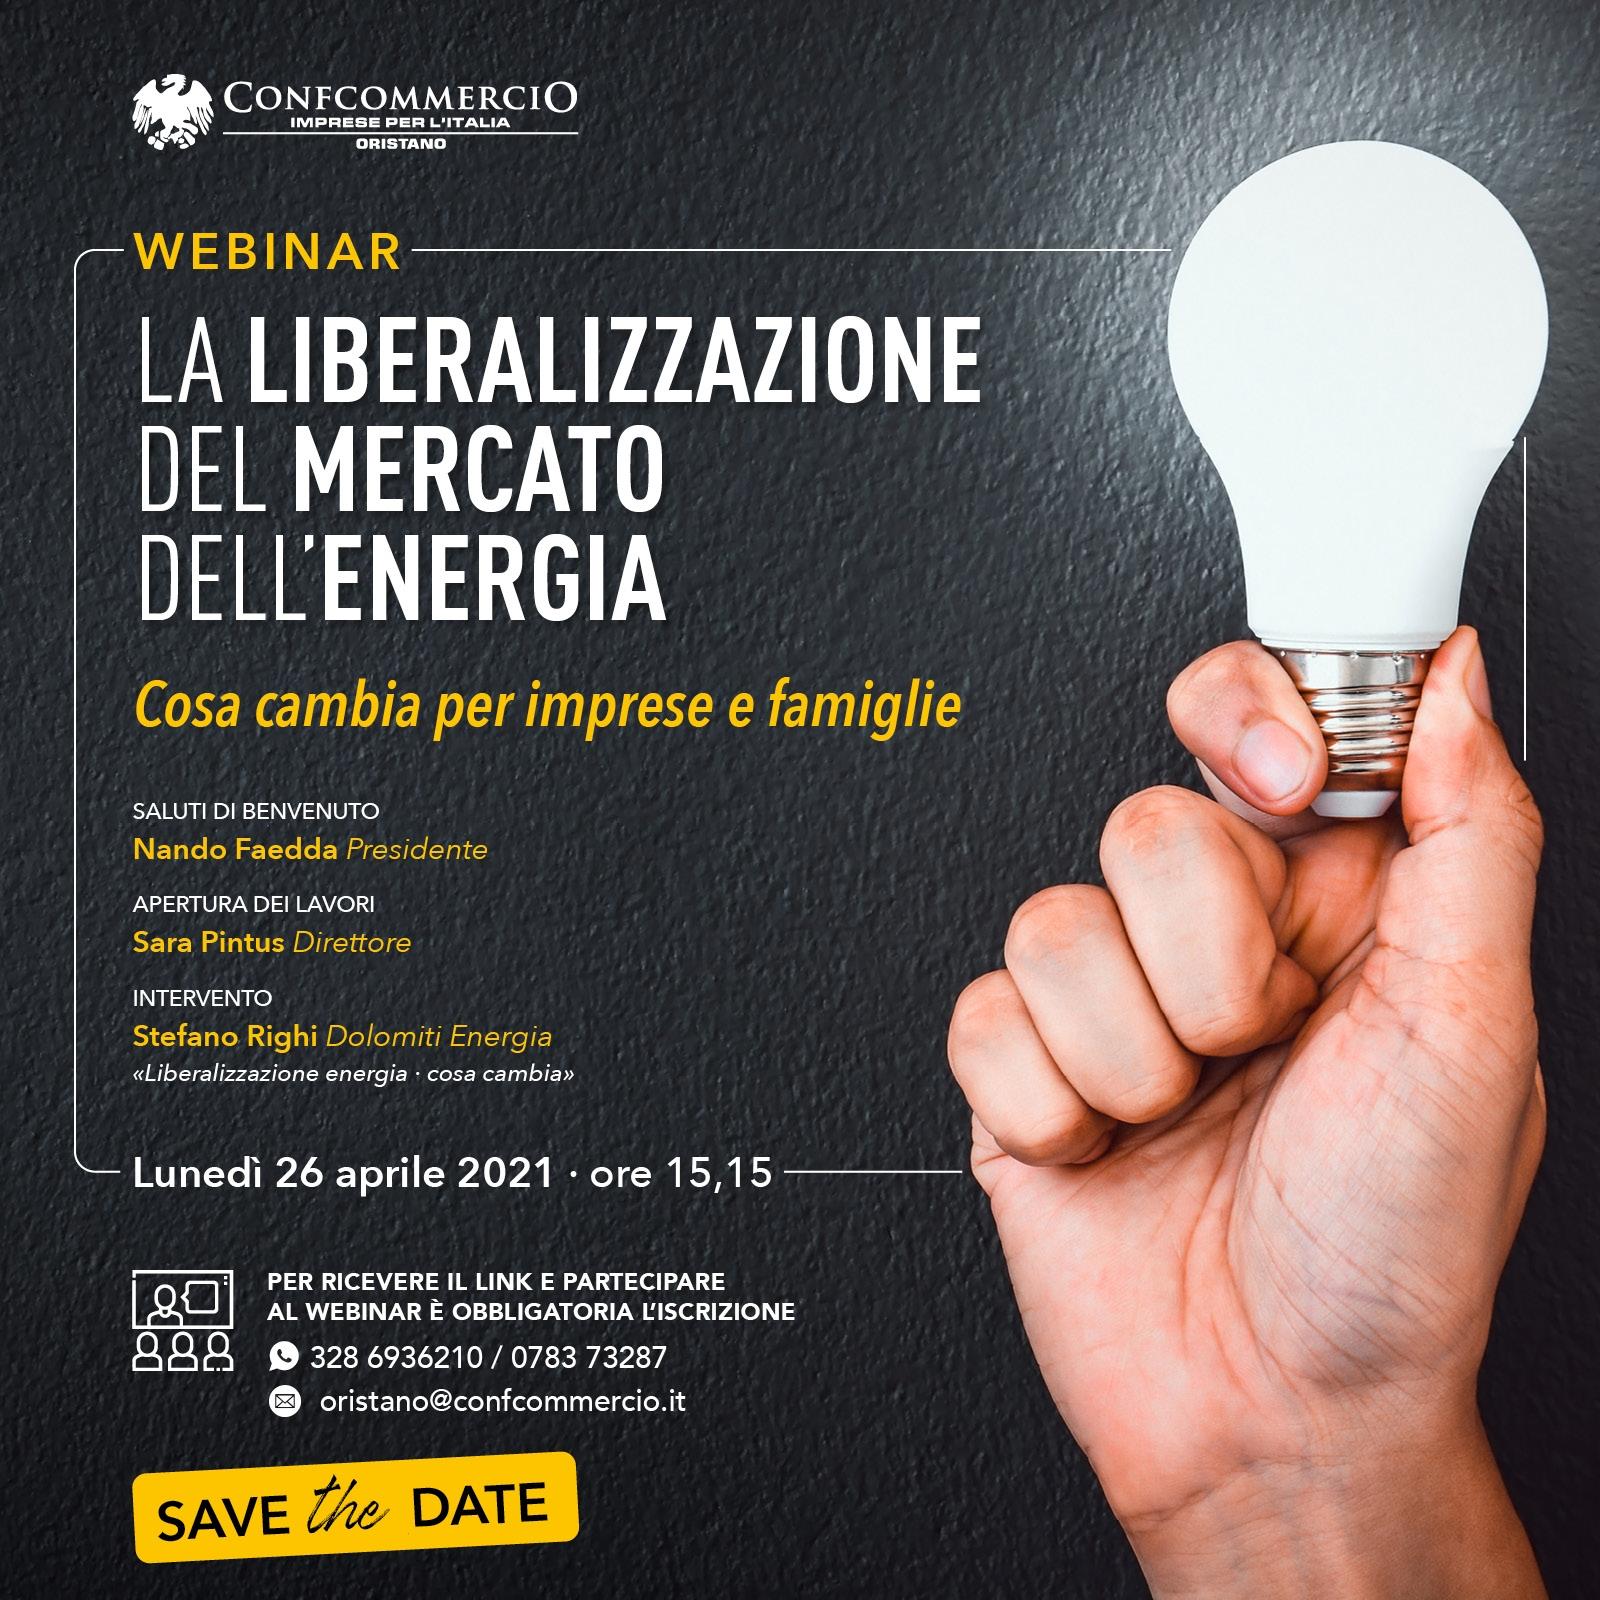 La liberalizzazione del mercato dell'energia - Webinar